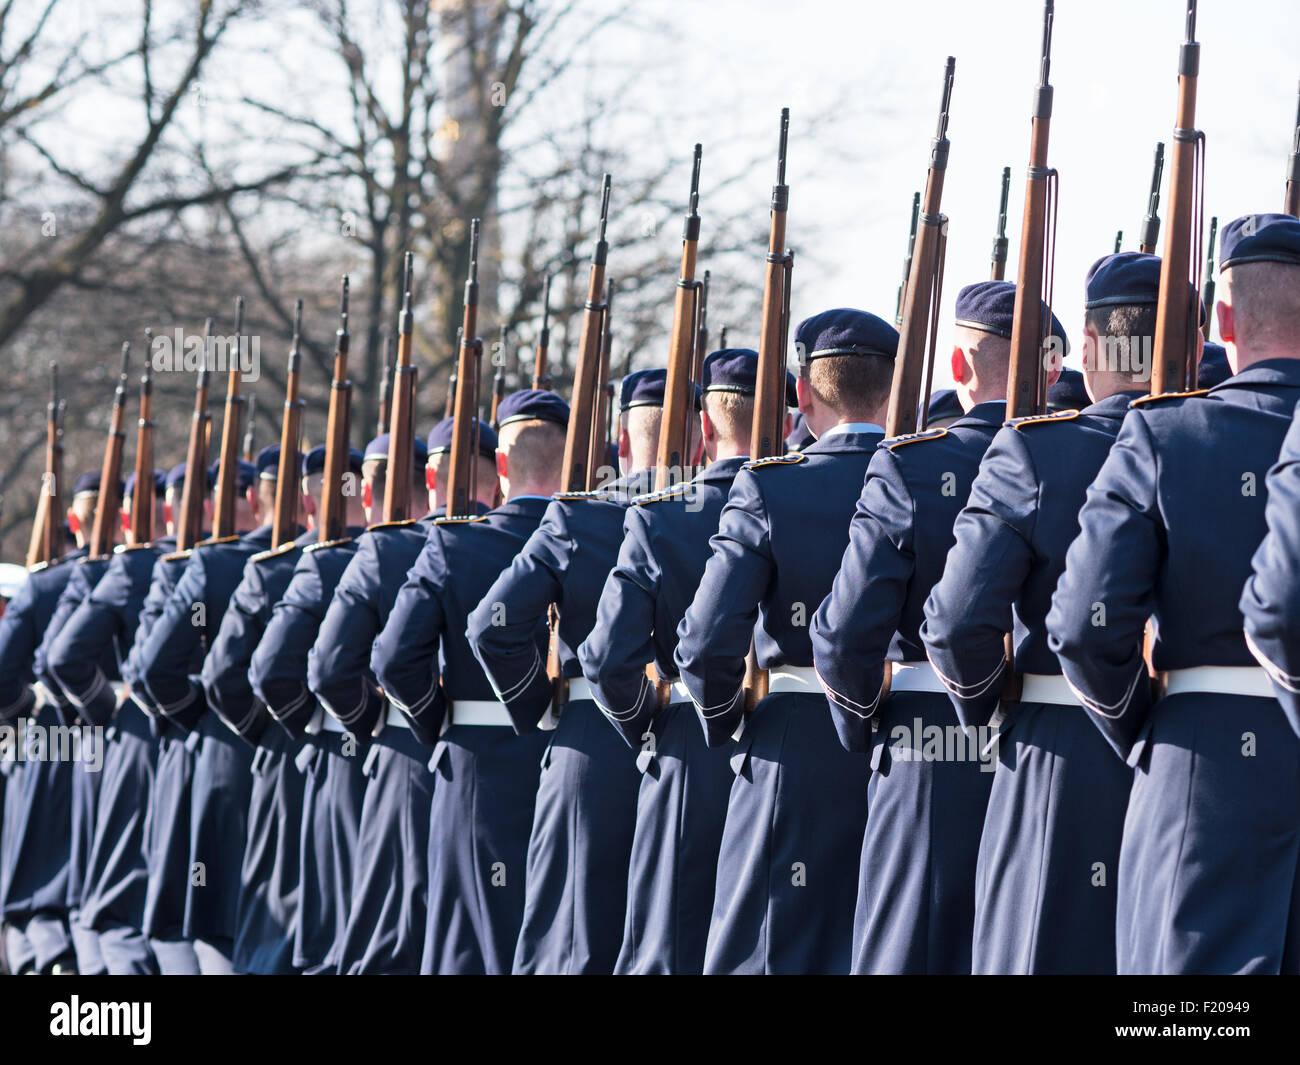 Wachregiment der Bundeswehr exerziert - Stock Image